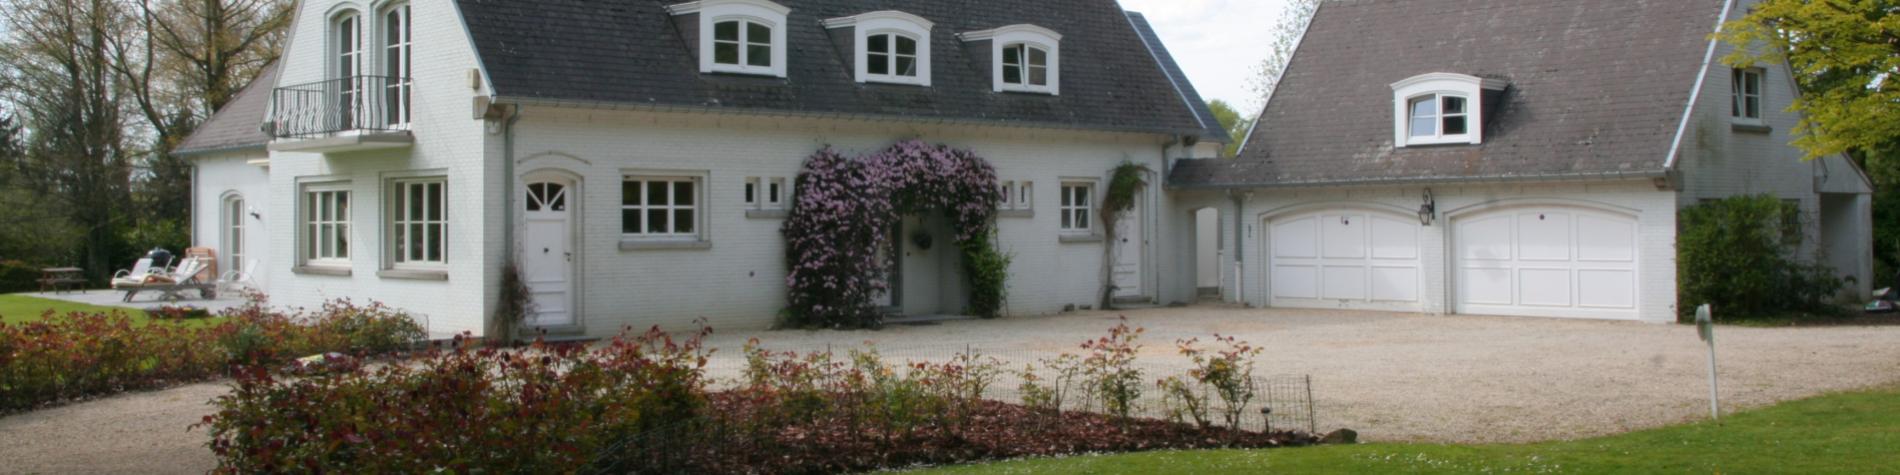 Maison d'hôtes - Les Trois Fontaines - Walhain